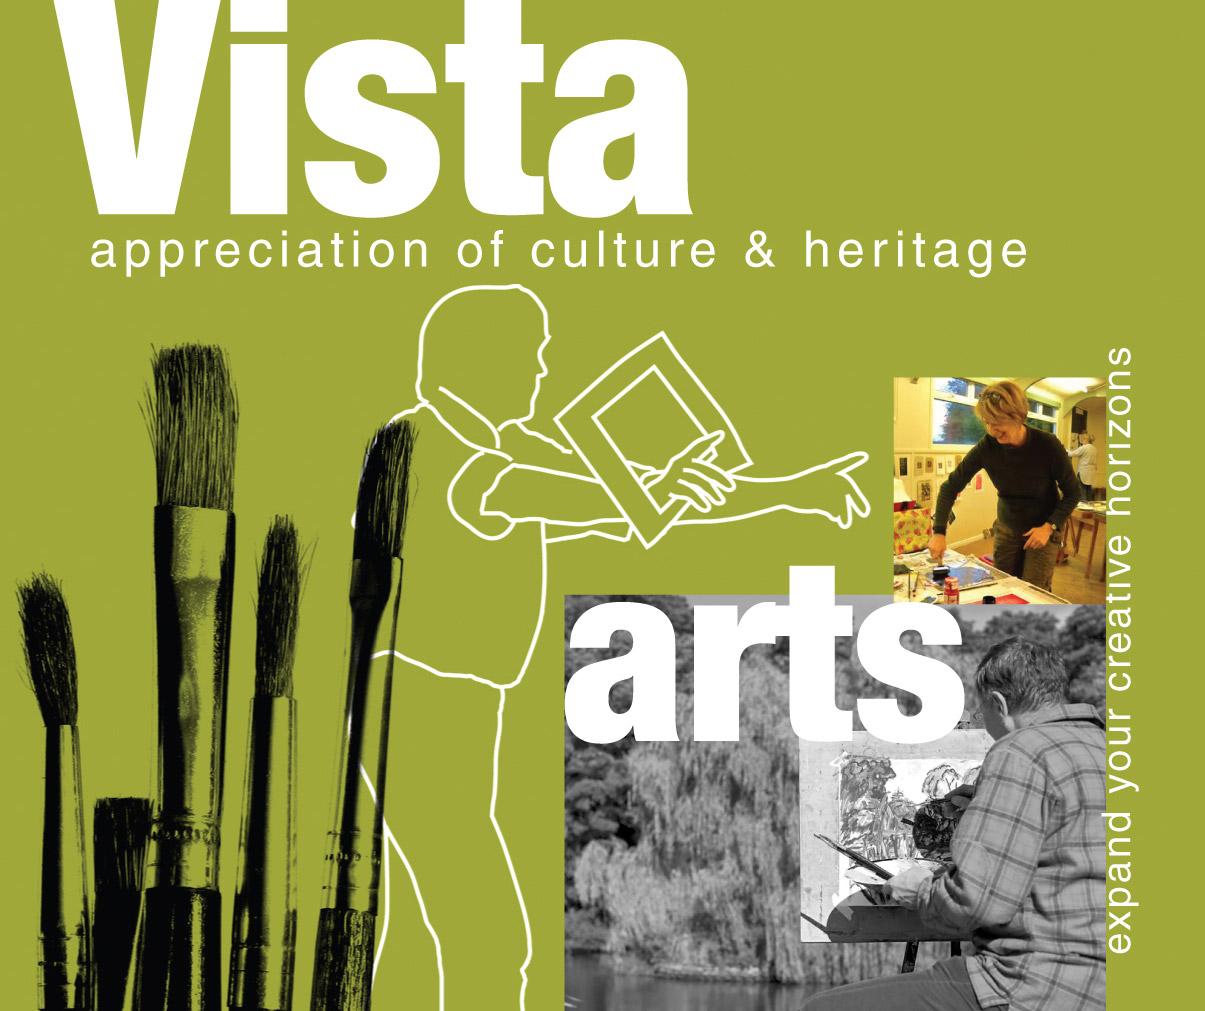 Vista Arts